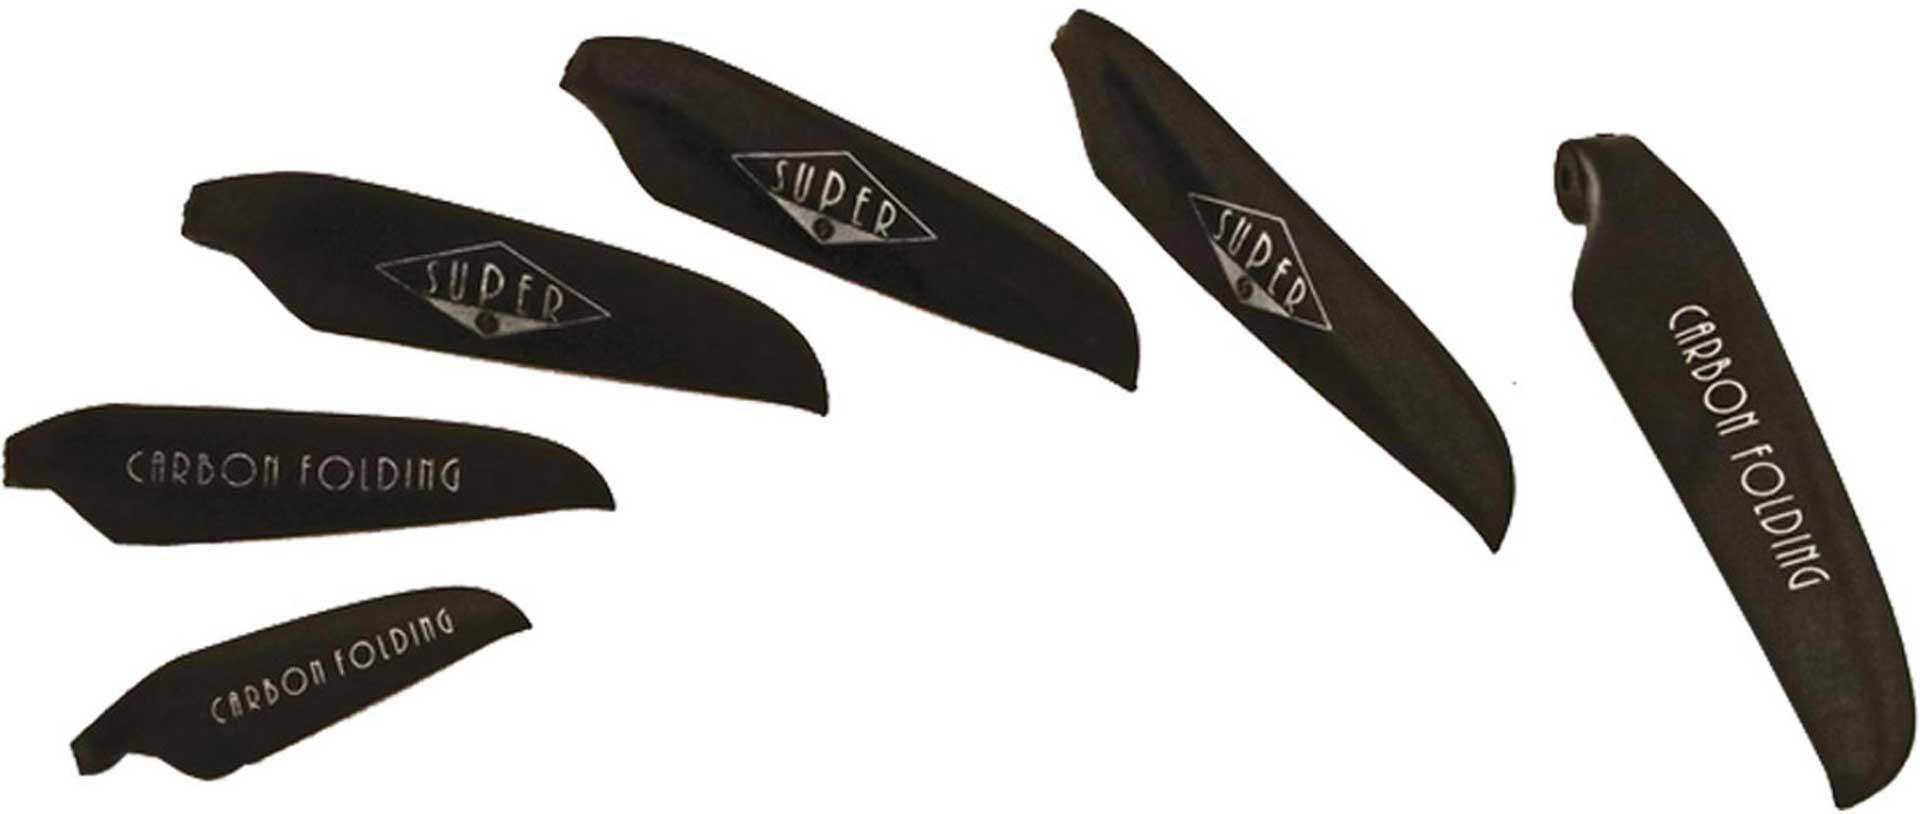 """SUPER Carbon Folding Ersatzblätter 5,5x4"""", 14/10 cm schwarz 2Stk.linkslaufend Luftschraub"""